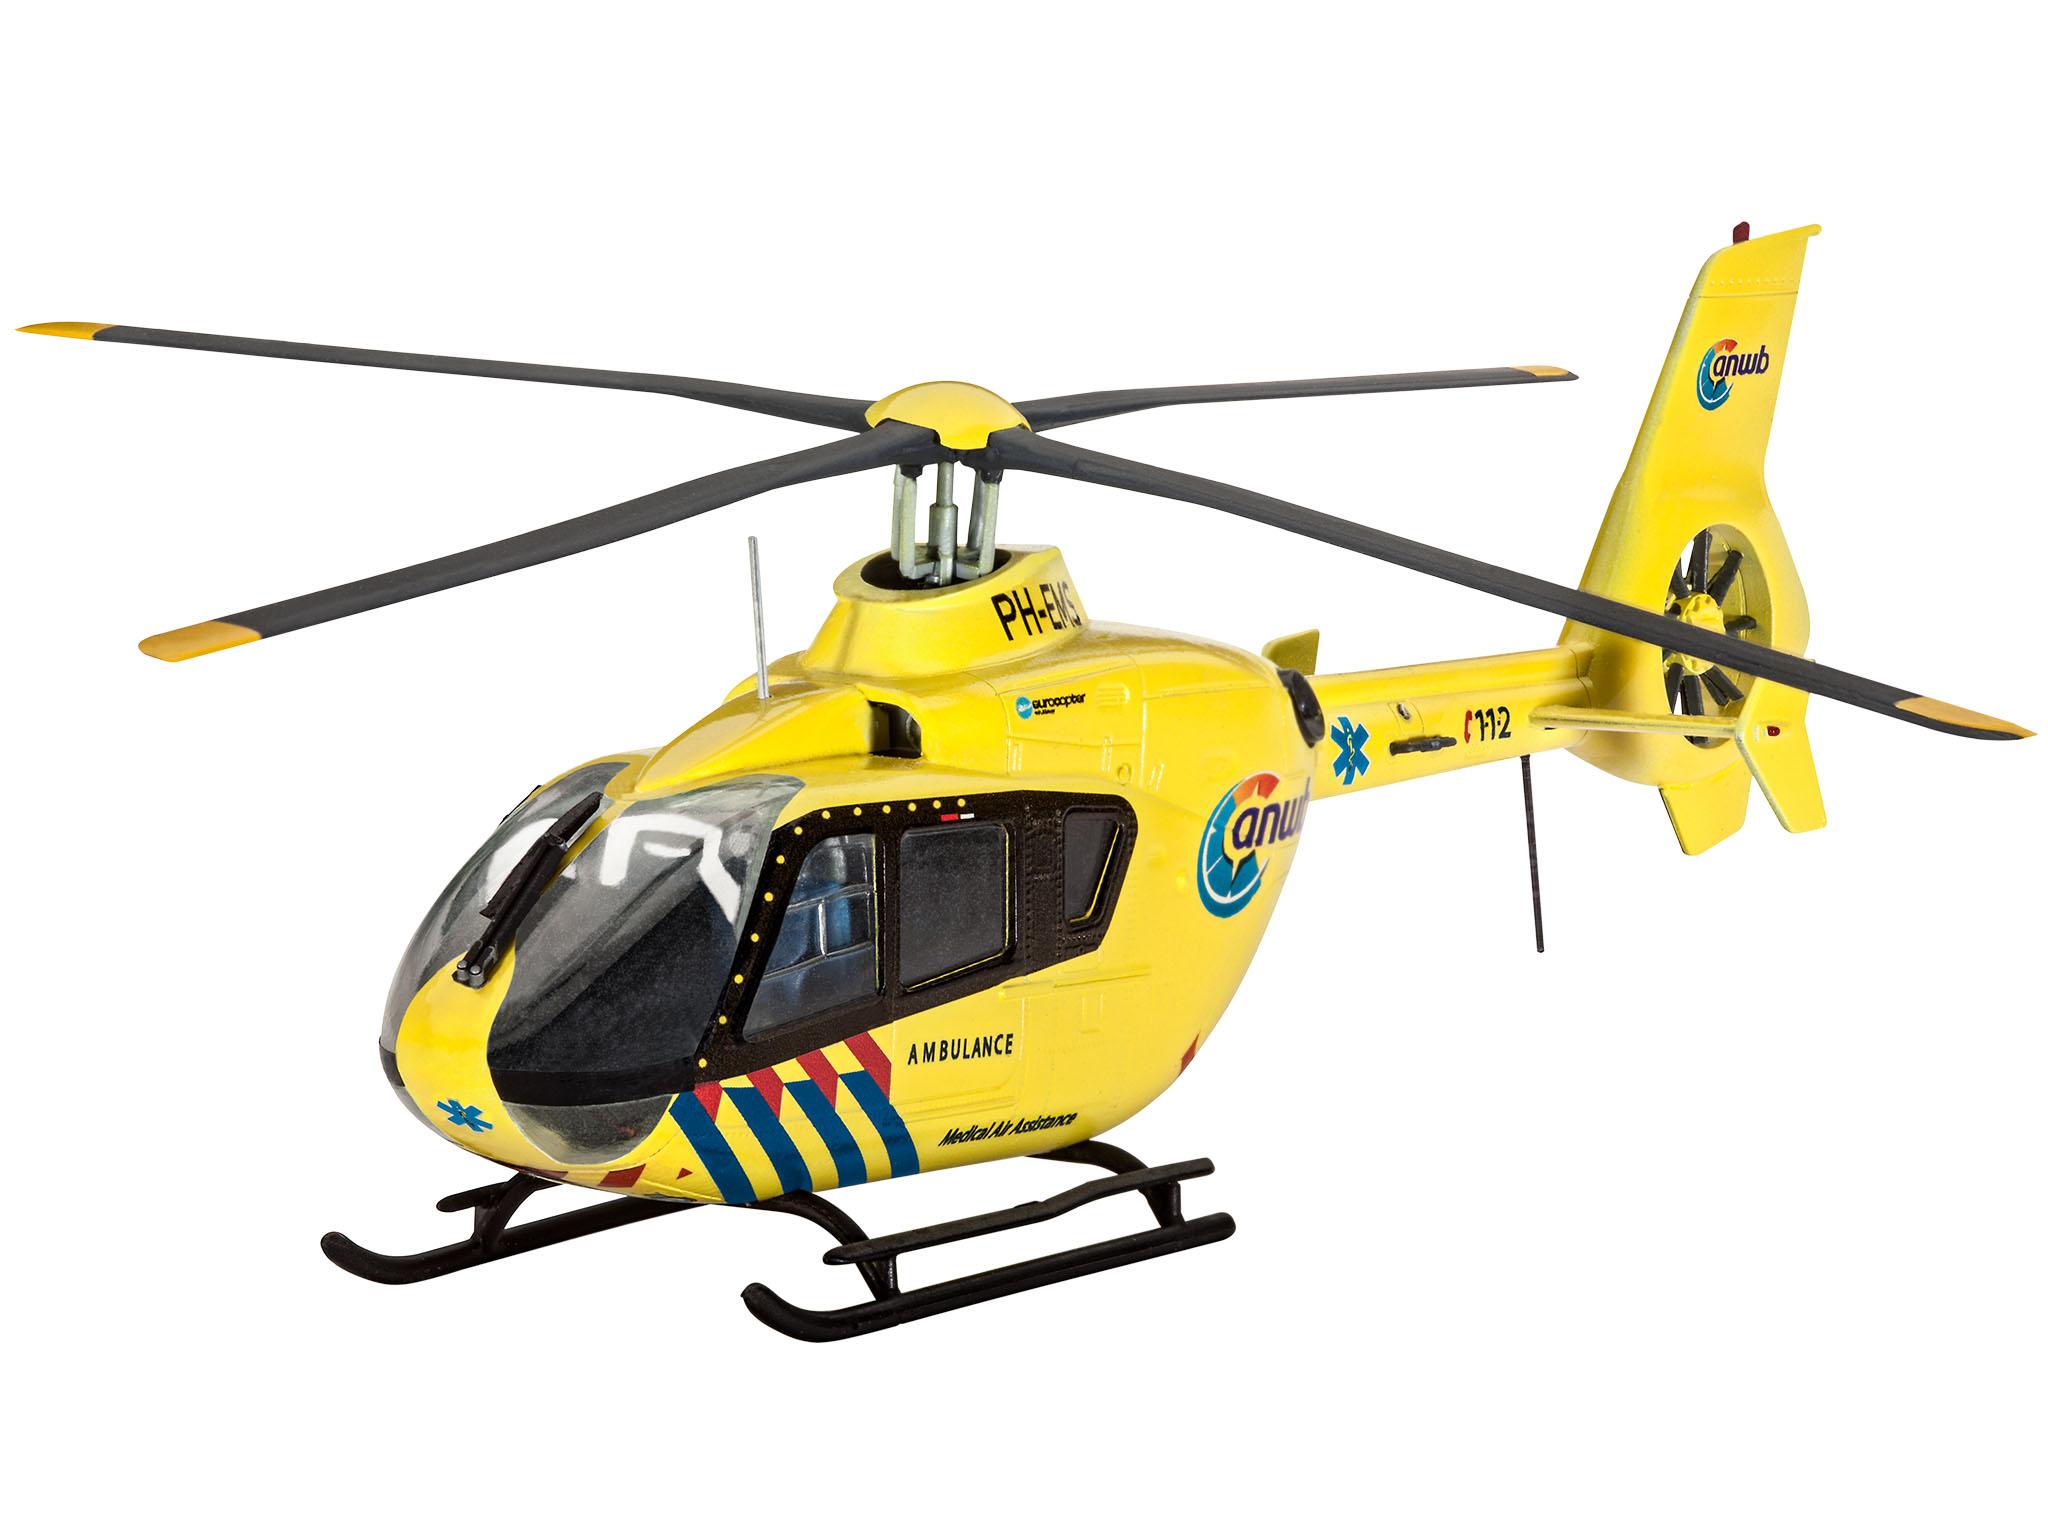 Сборная модель - Вертолет EC135 Nederlandse TraumaМодели вертолетов для склеивания<br>Сборная модель - Вертолет EC135 Nederlandse Trauma<br>